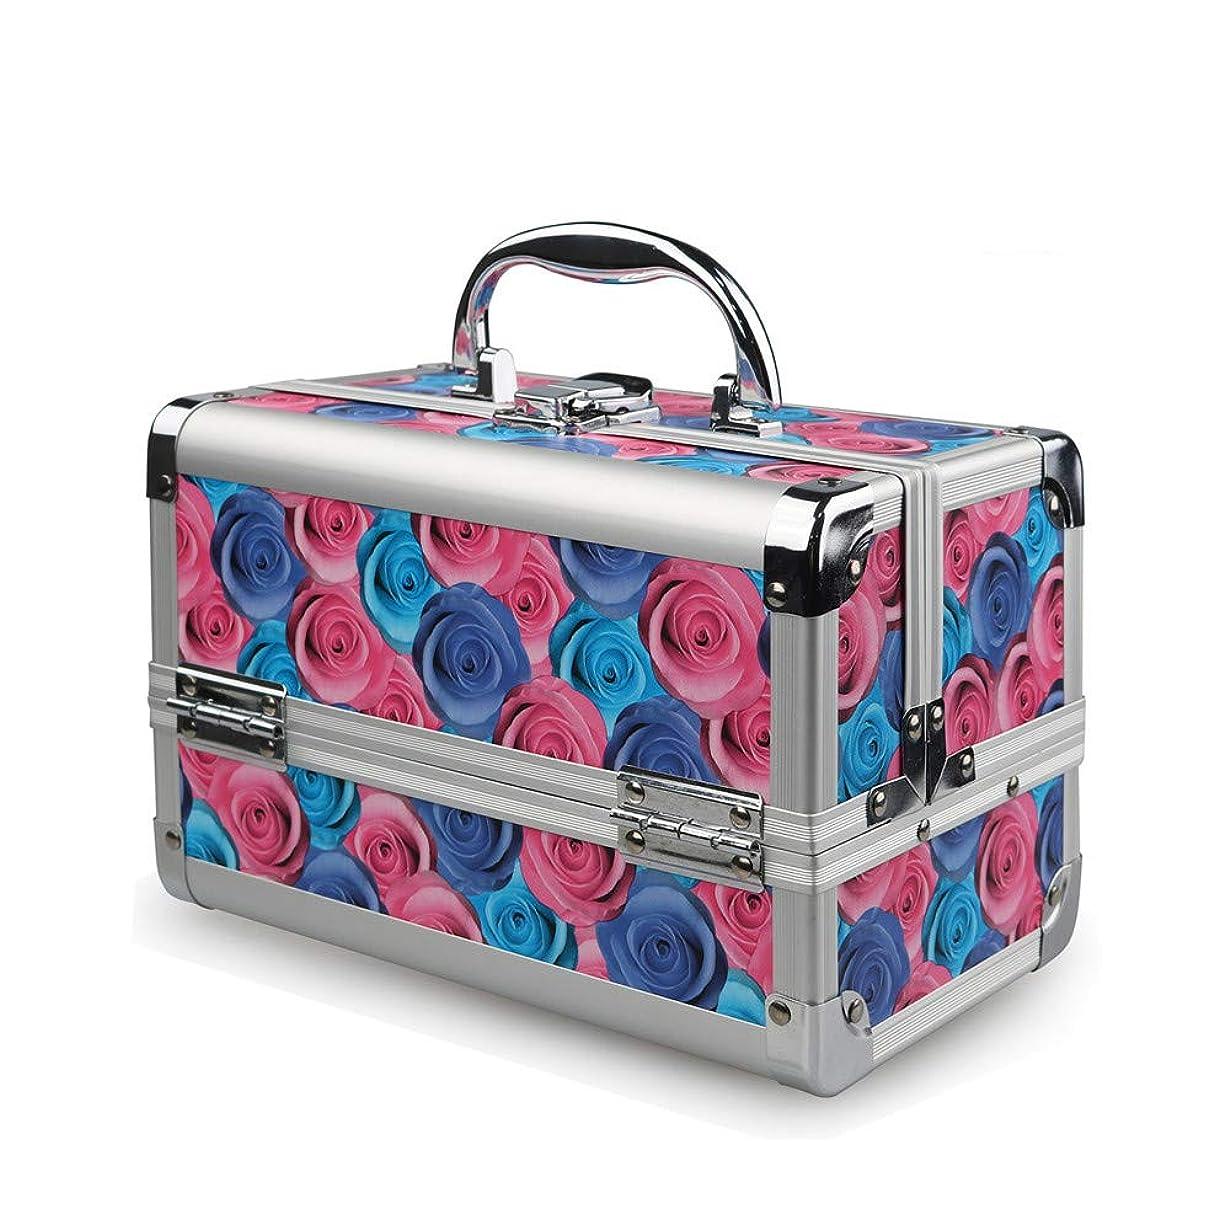 義務づけるそんなに法的特大スペース収納ビューティーボックス 美の構造のためそしてジッパーおよび折る皿が付いている女の子の女性旅行そして毎日の貯蔵のための高容量の携帯用化粧品袋 化粧品化粧台